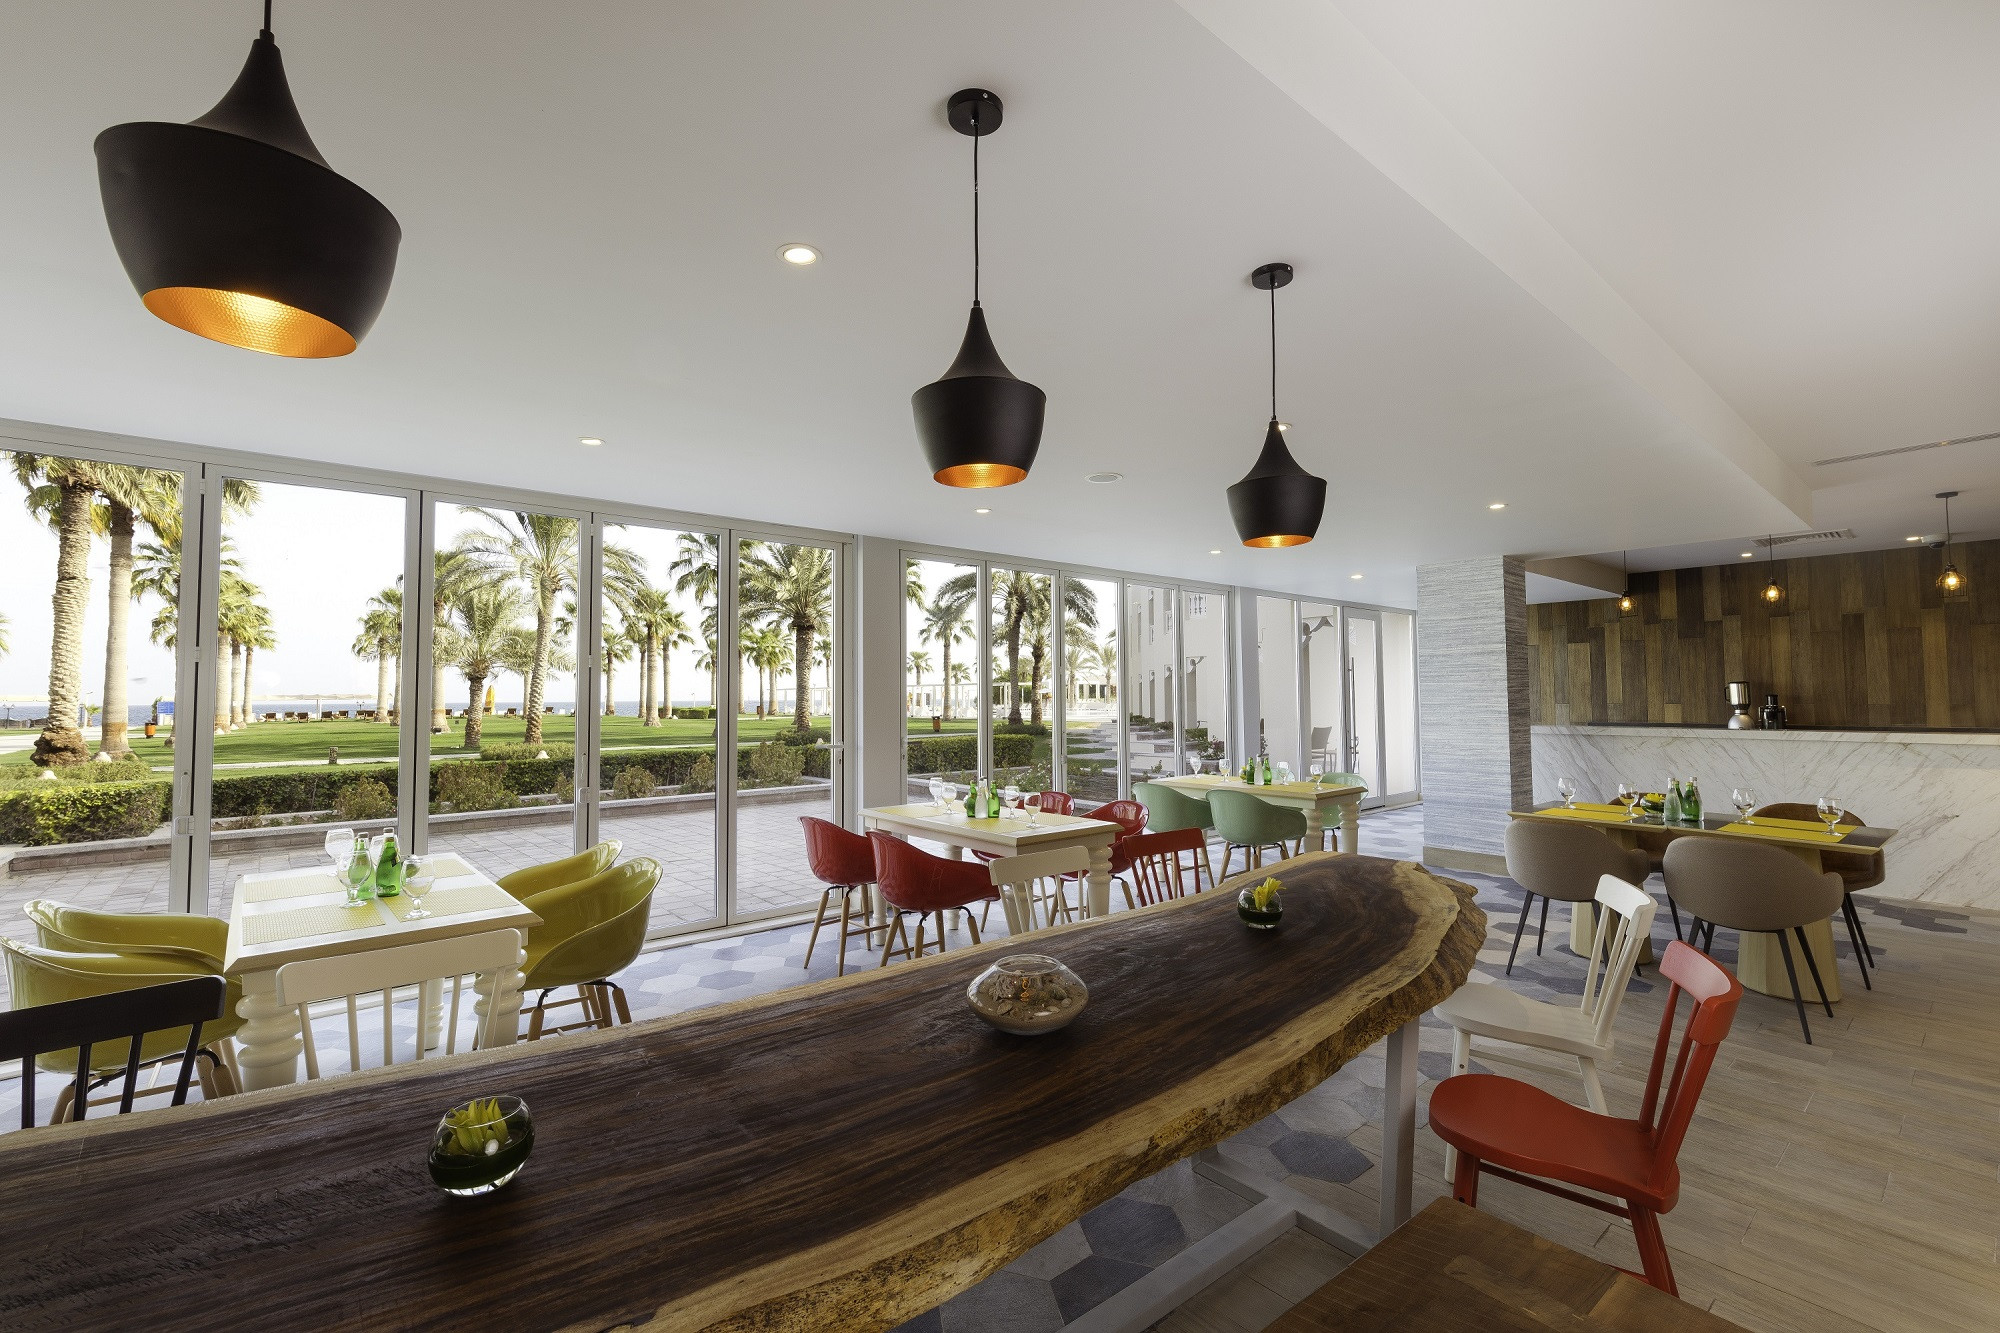 hardwood floor store blantyre of sealine beach a murwab resort reveals its revamped facilities to within al